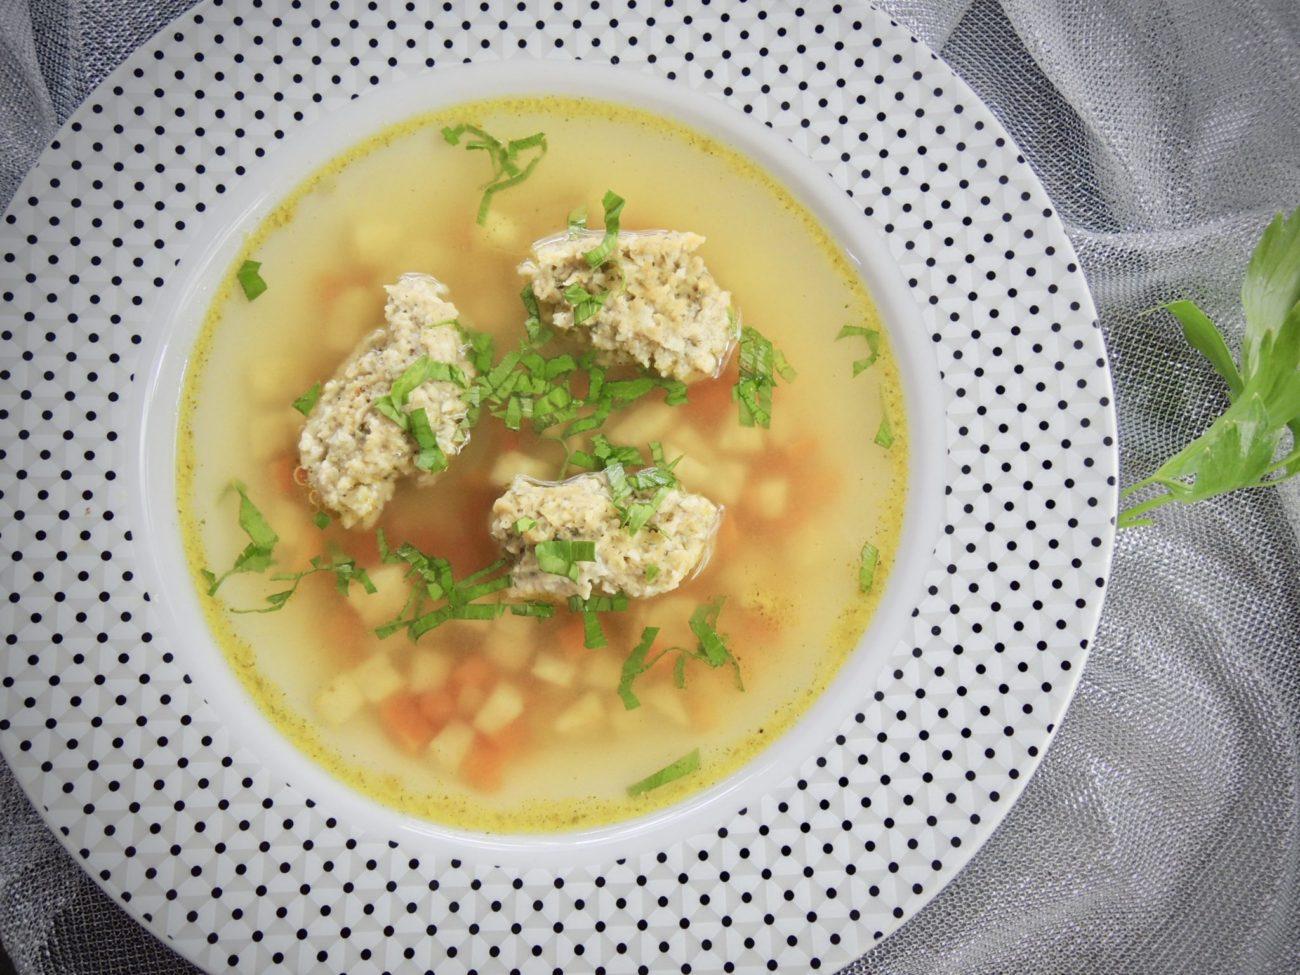 Zeleninová polévka s drožďovými knedlíčky